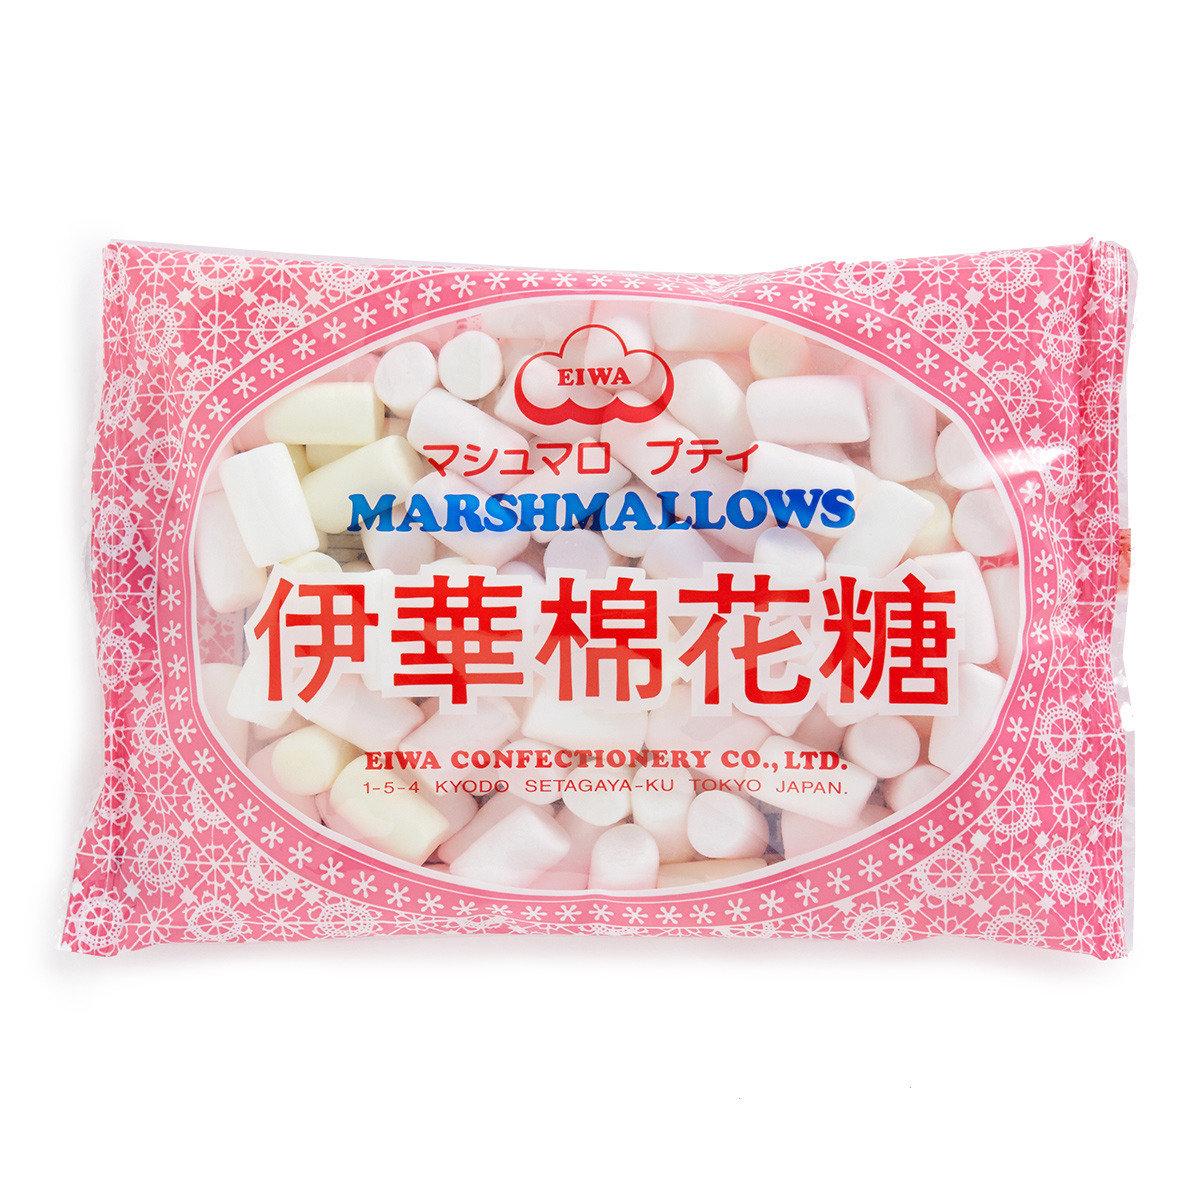 伊華棉花糖